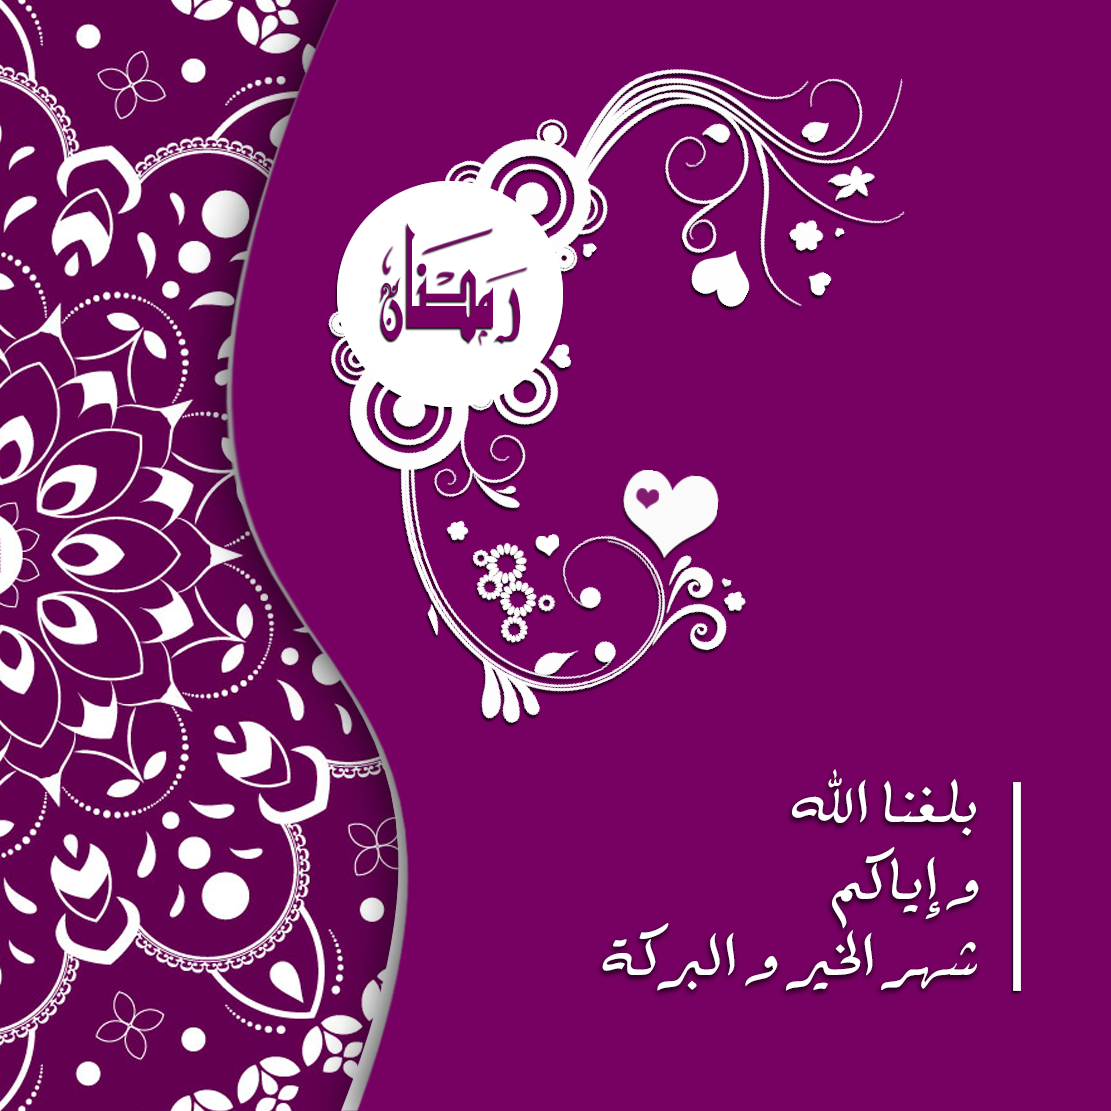 اللهم بلغنا رمضان Facebook Sign Up Facebook Sign Snoopy